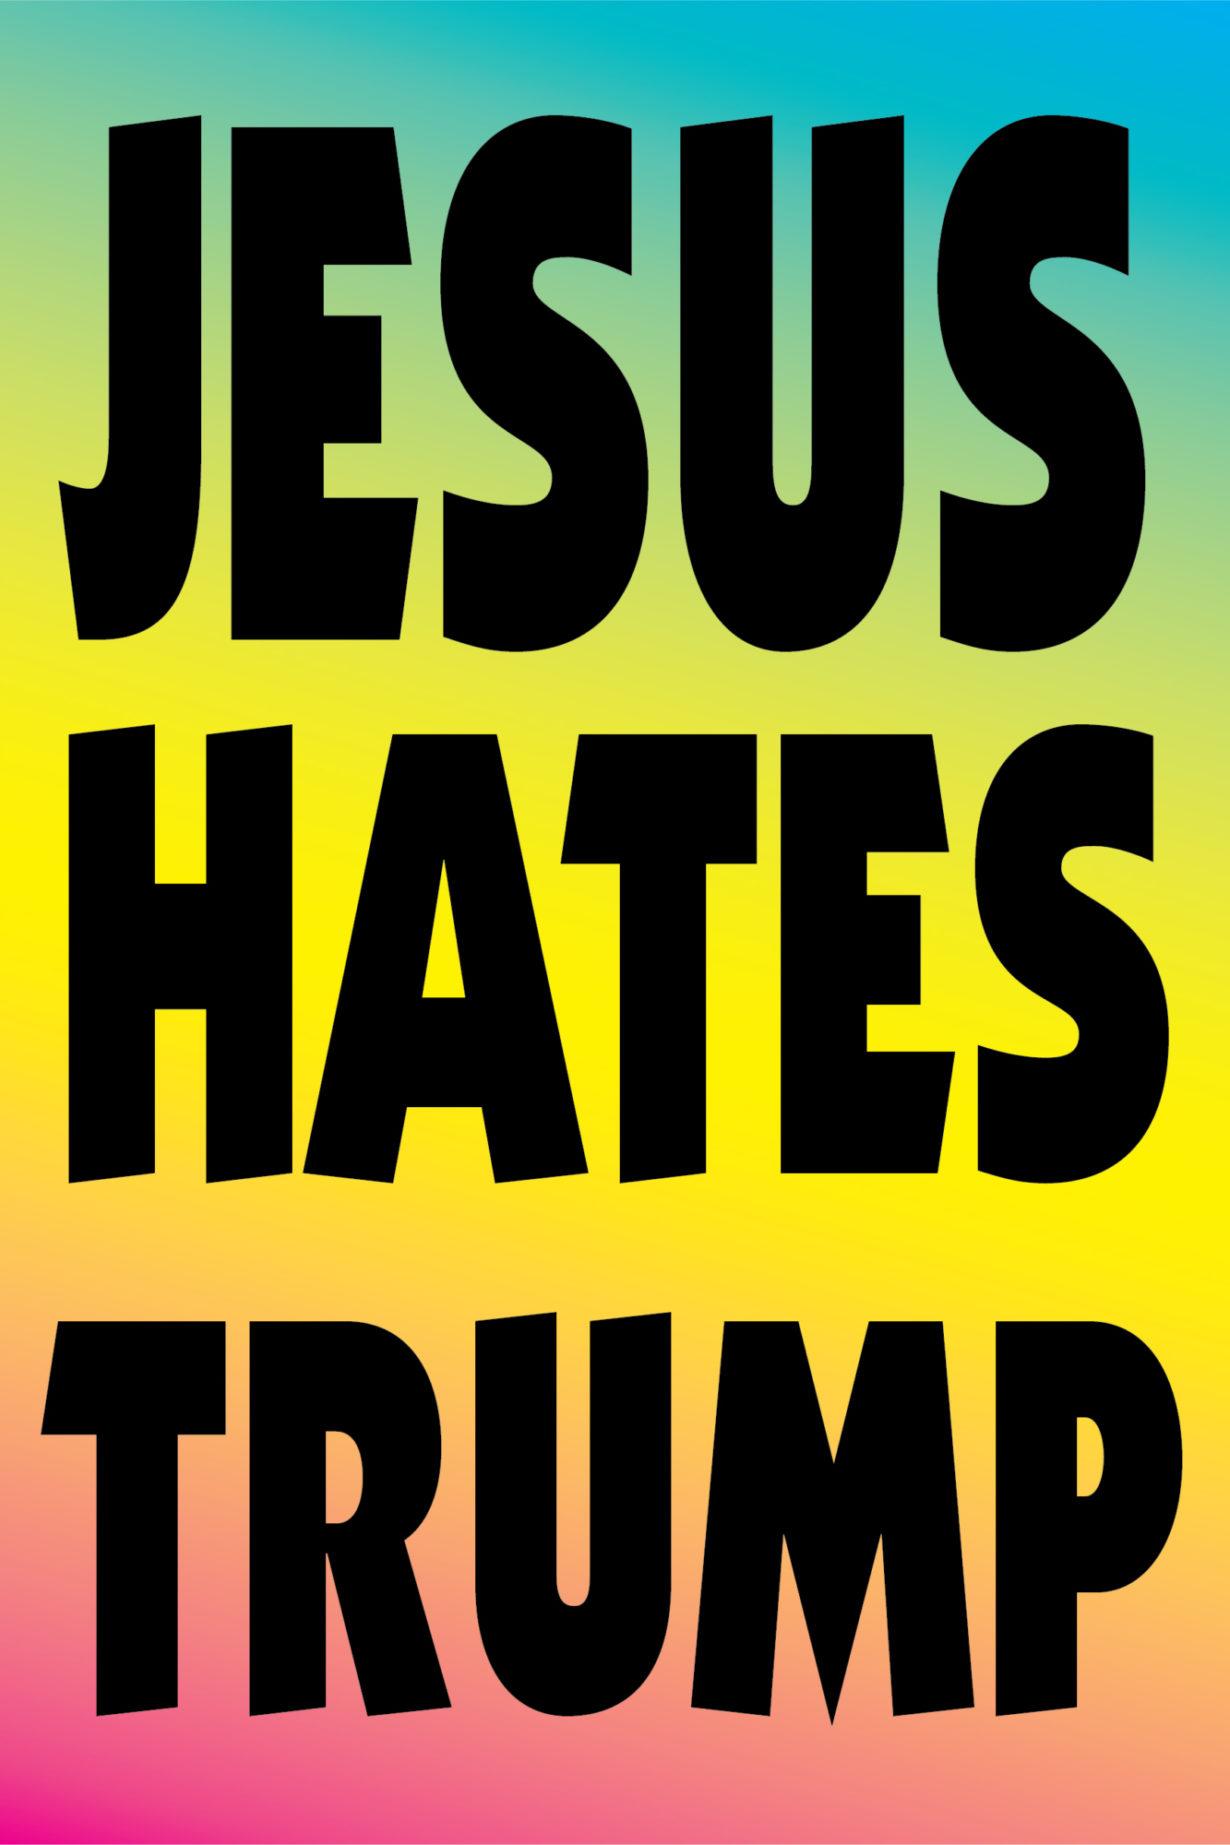 NP_01_25_2017_Jesus-Hates-Trump.jpg